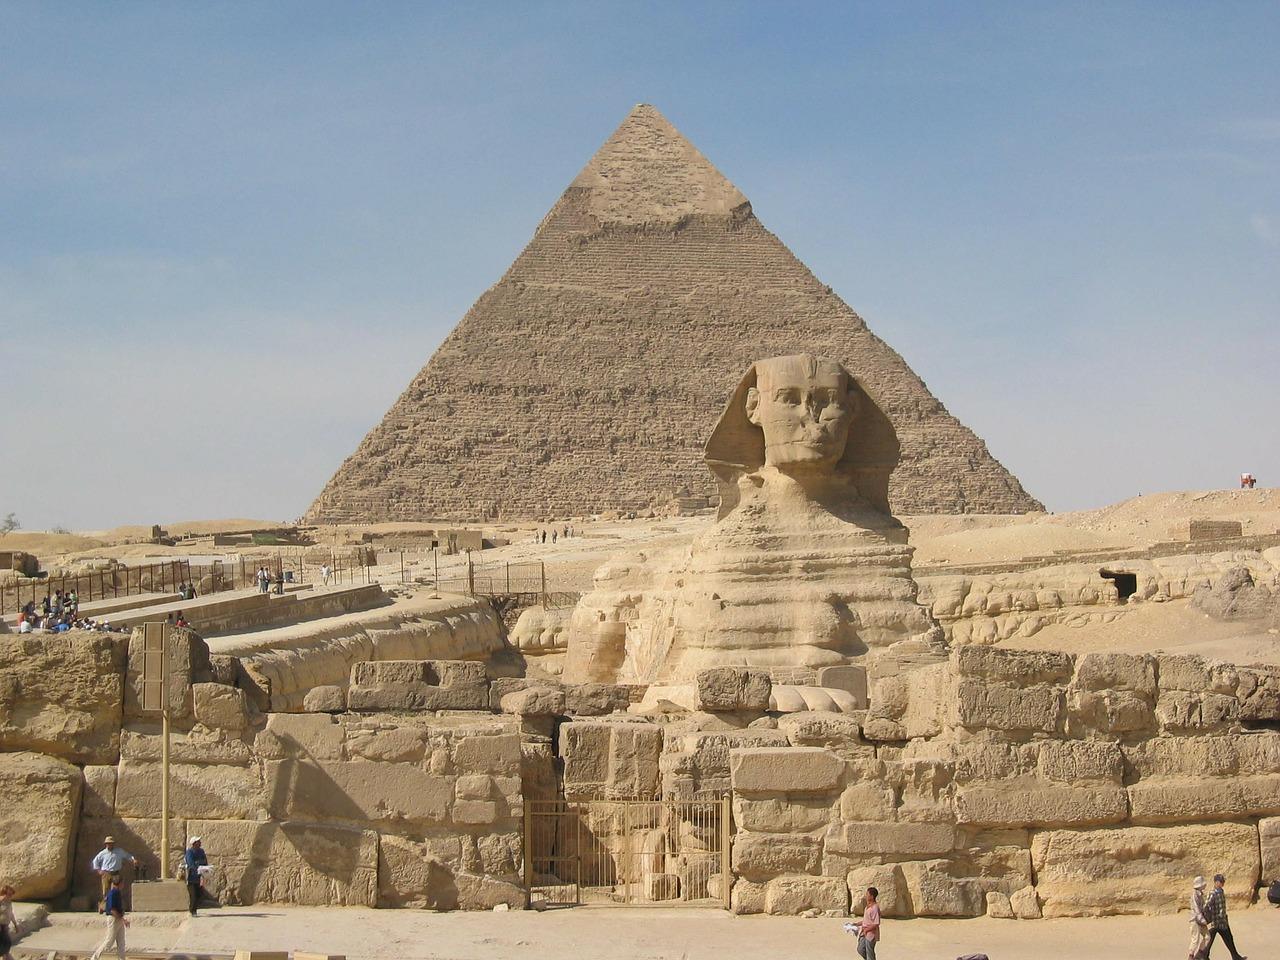 エジプト旅行のおすすめプランは?費用やベストシーズン、安い時期、スポット情報などを解説!